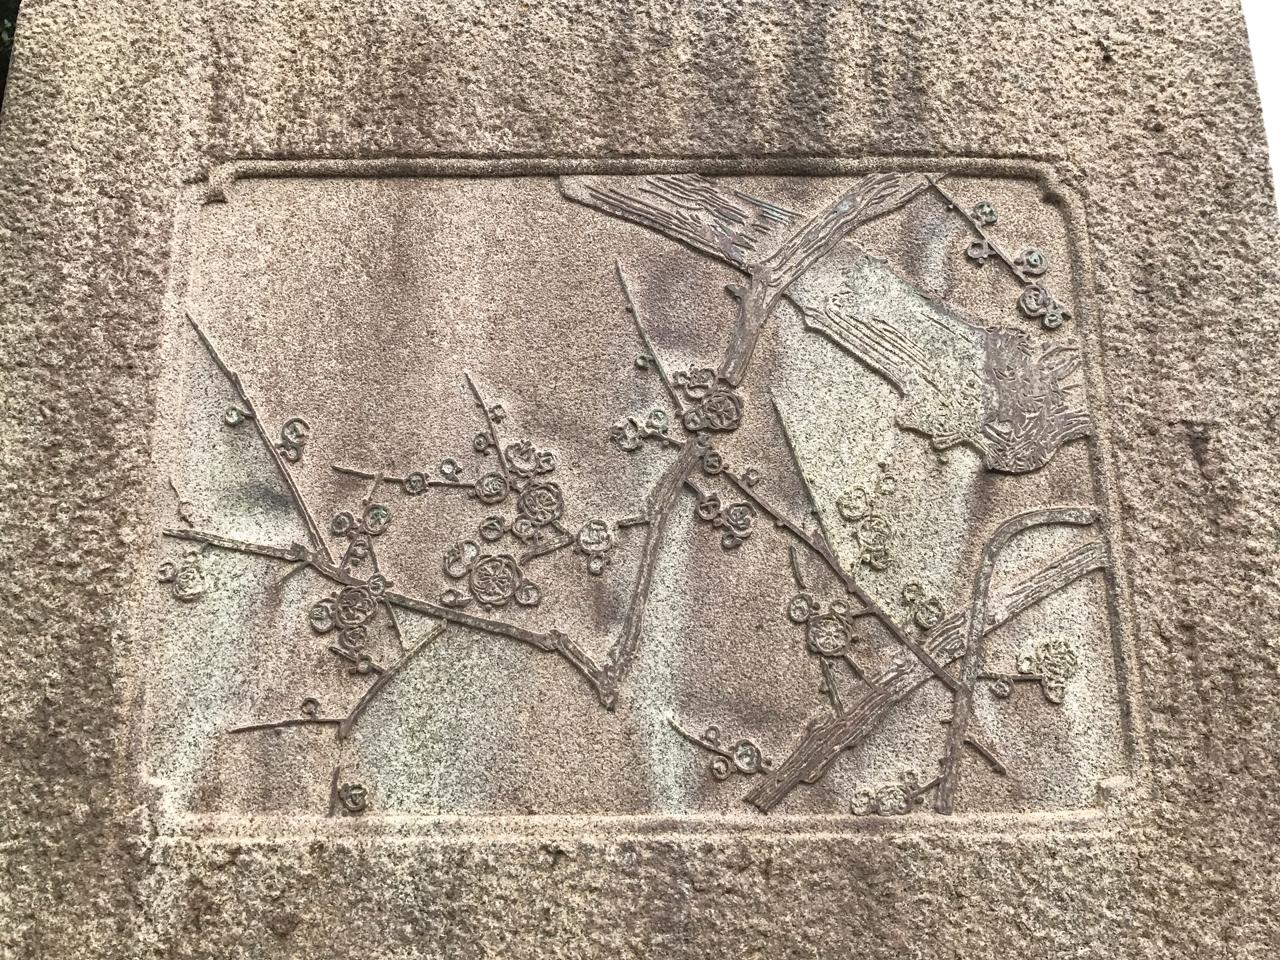 北野天満宮の梅の描かれた石